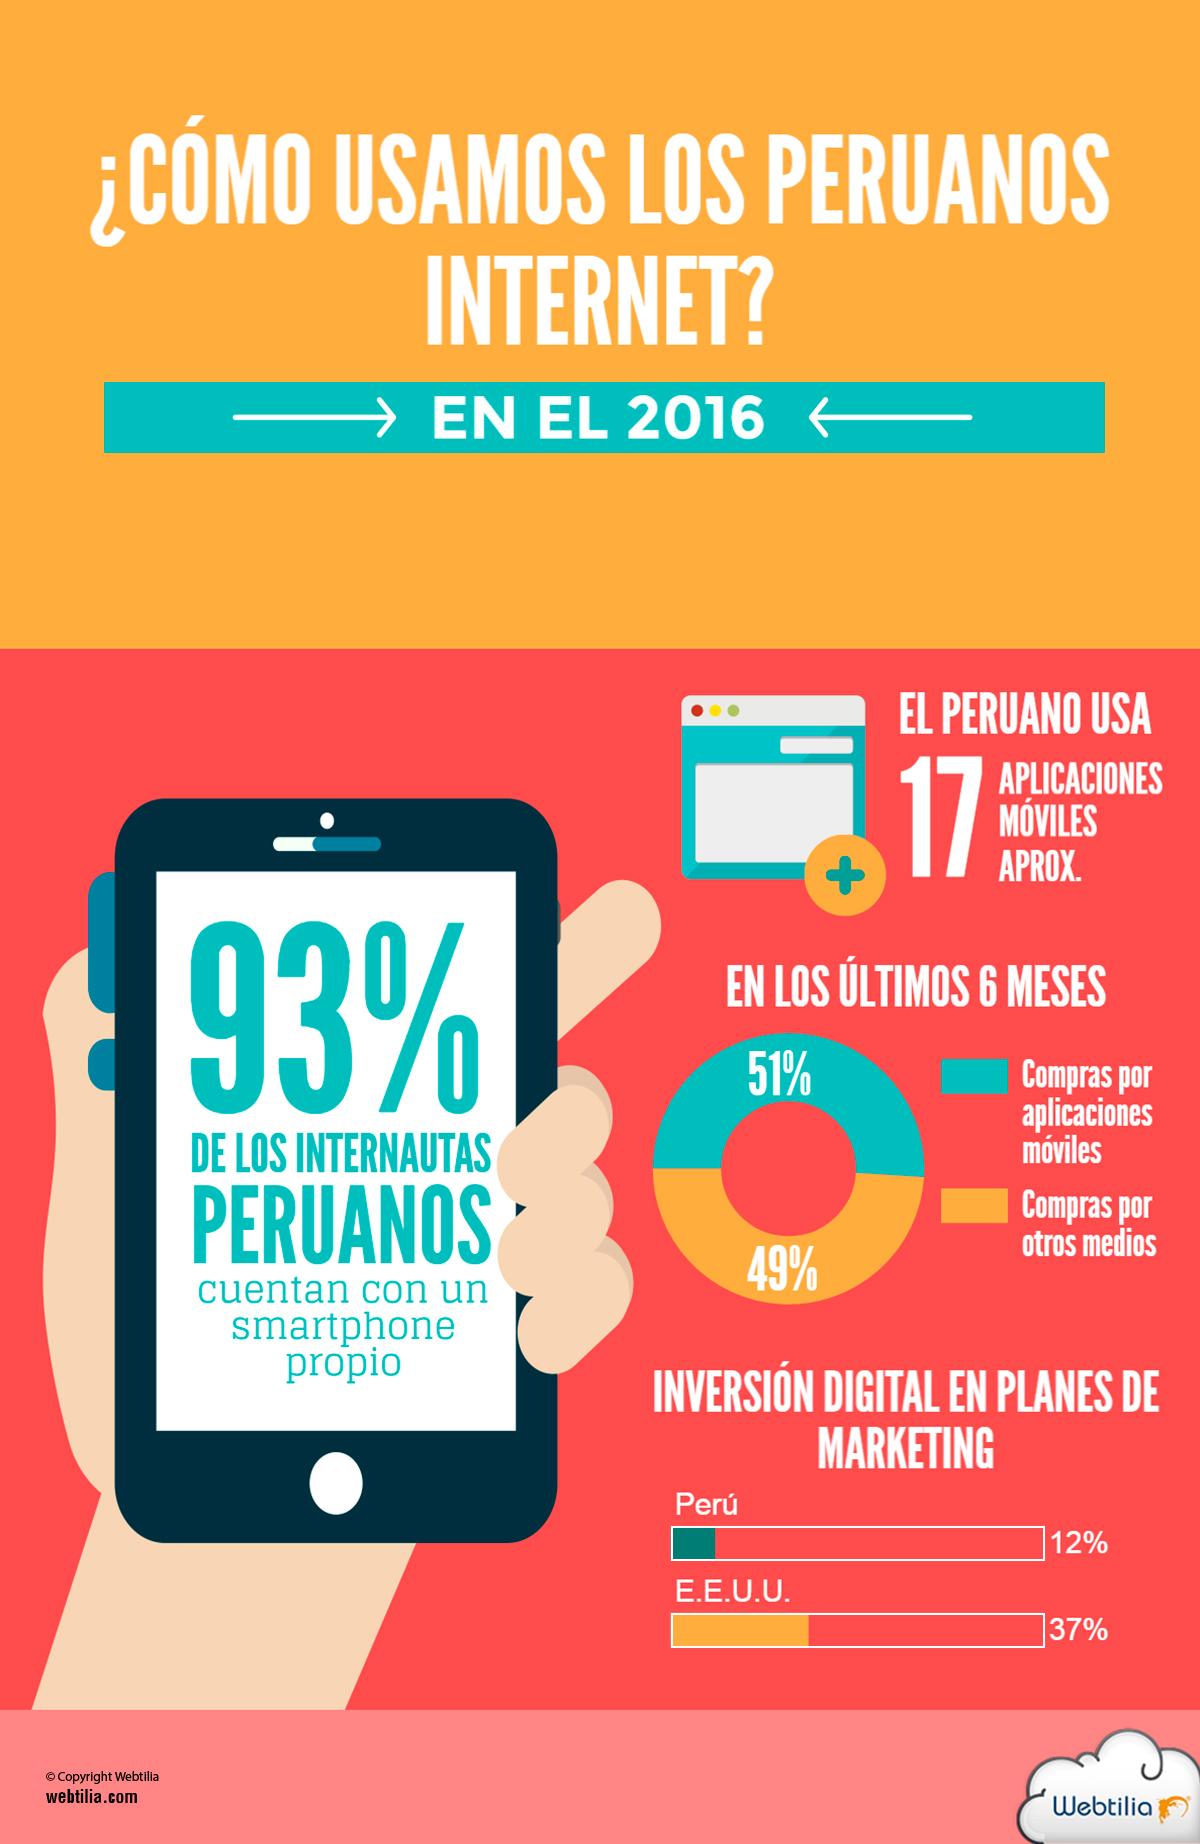 infografia uso internet peru